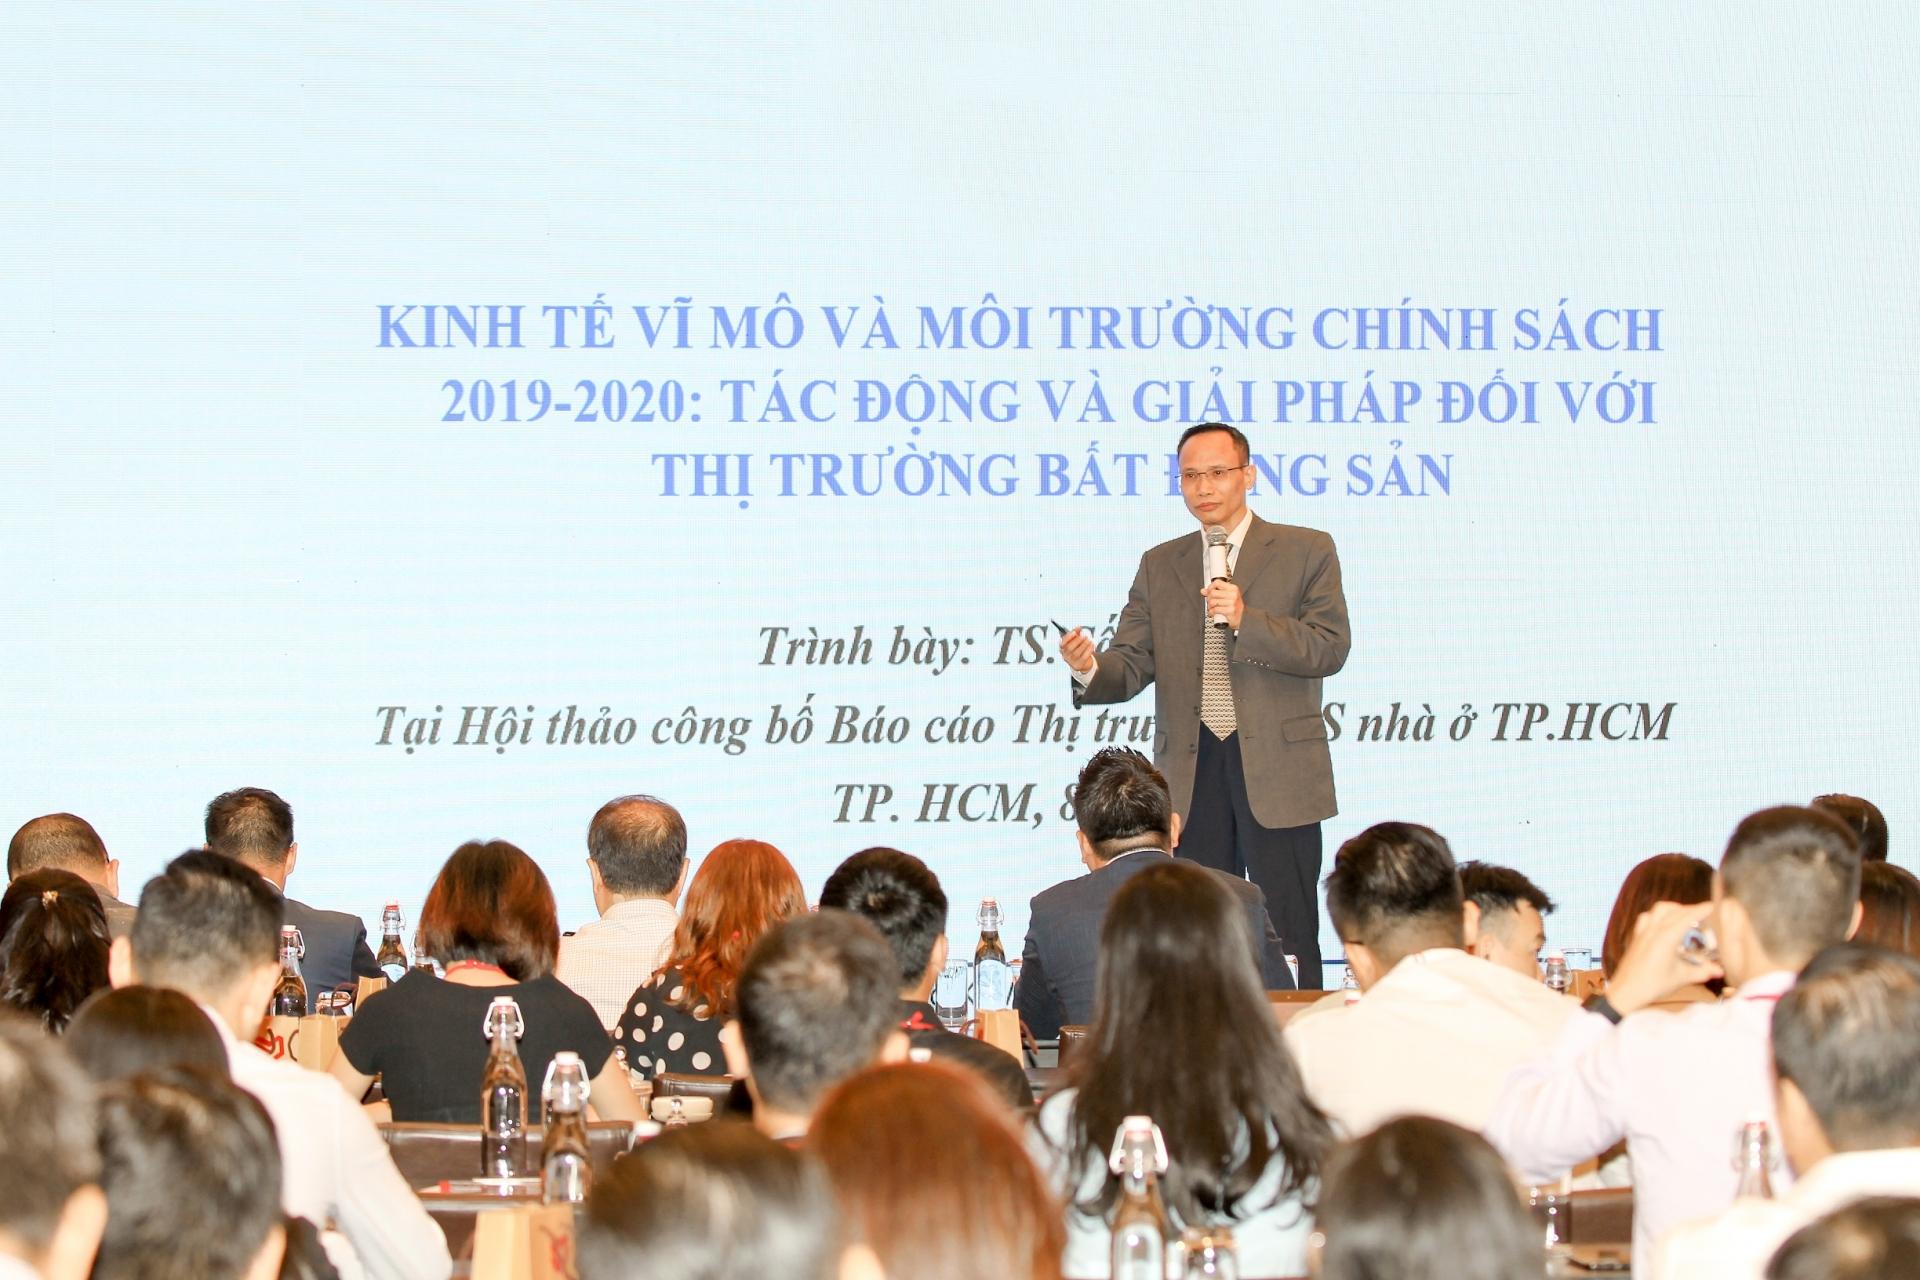 bat dong san 2020 can nhung dot pha ve cai thien chinh sach phap ly